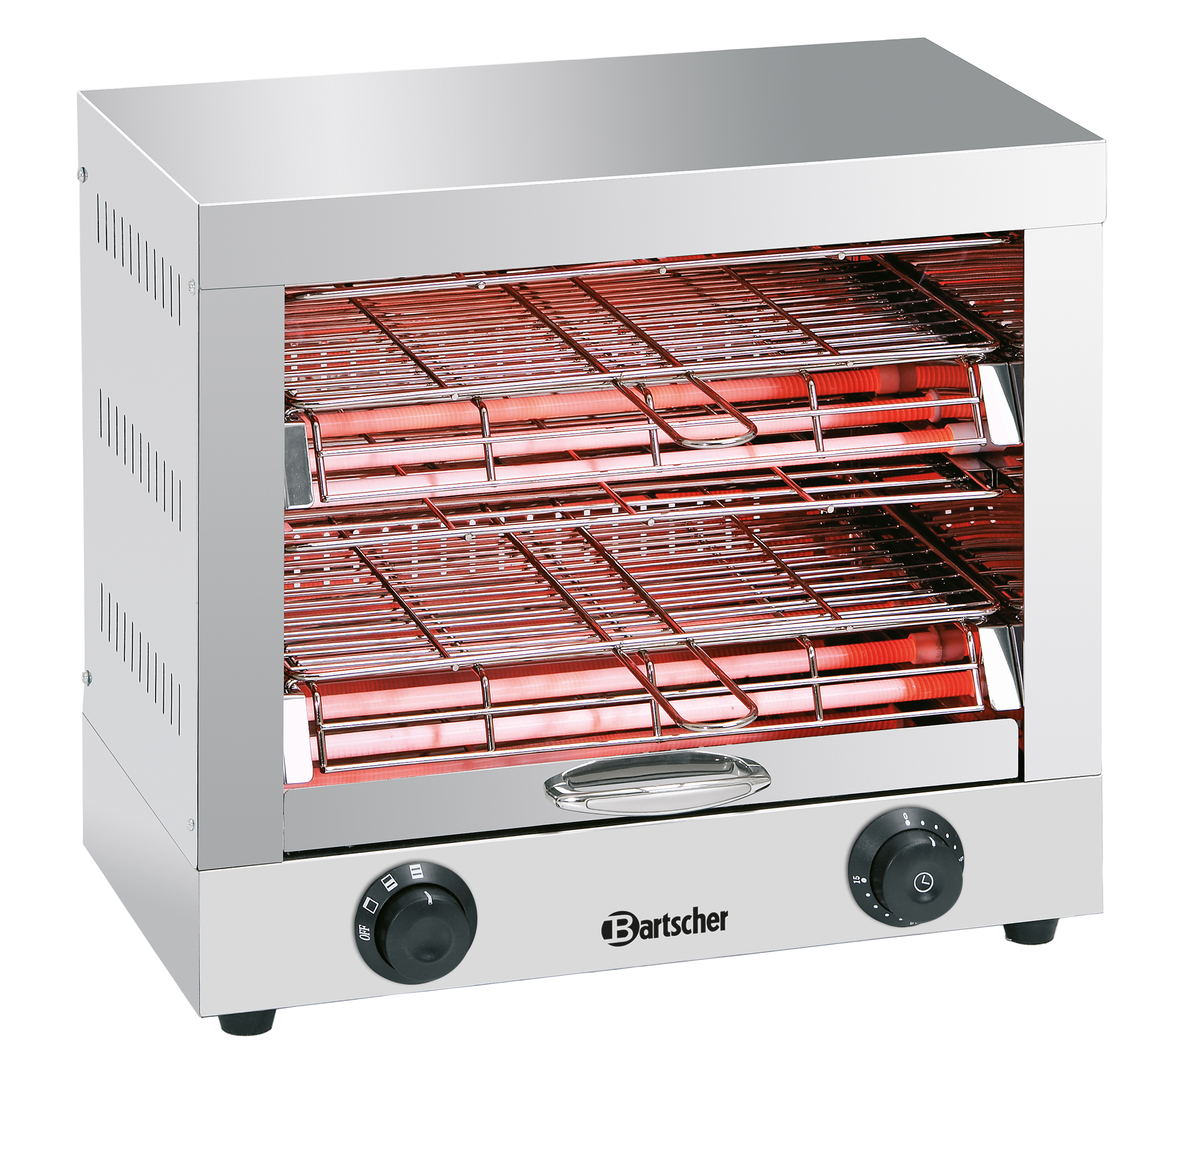 Toaster a151300 230v 4 pièces Bartscher